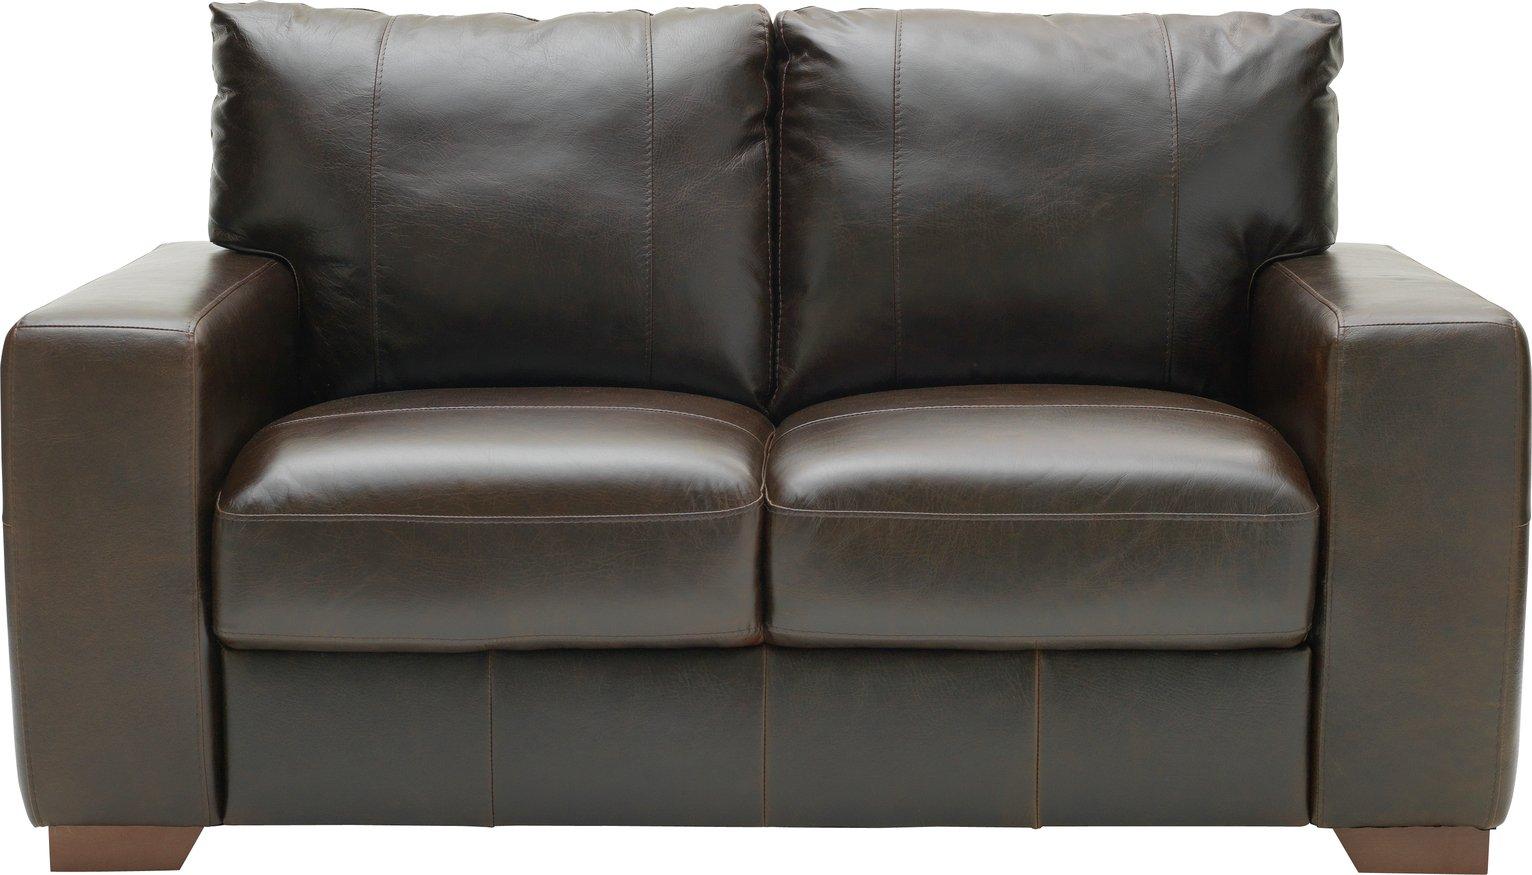 Argos Home Eton 2 Seater Leather Sofa - Dark Brown